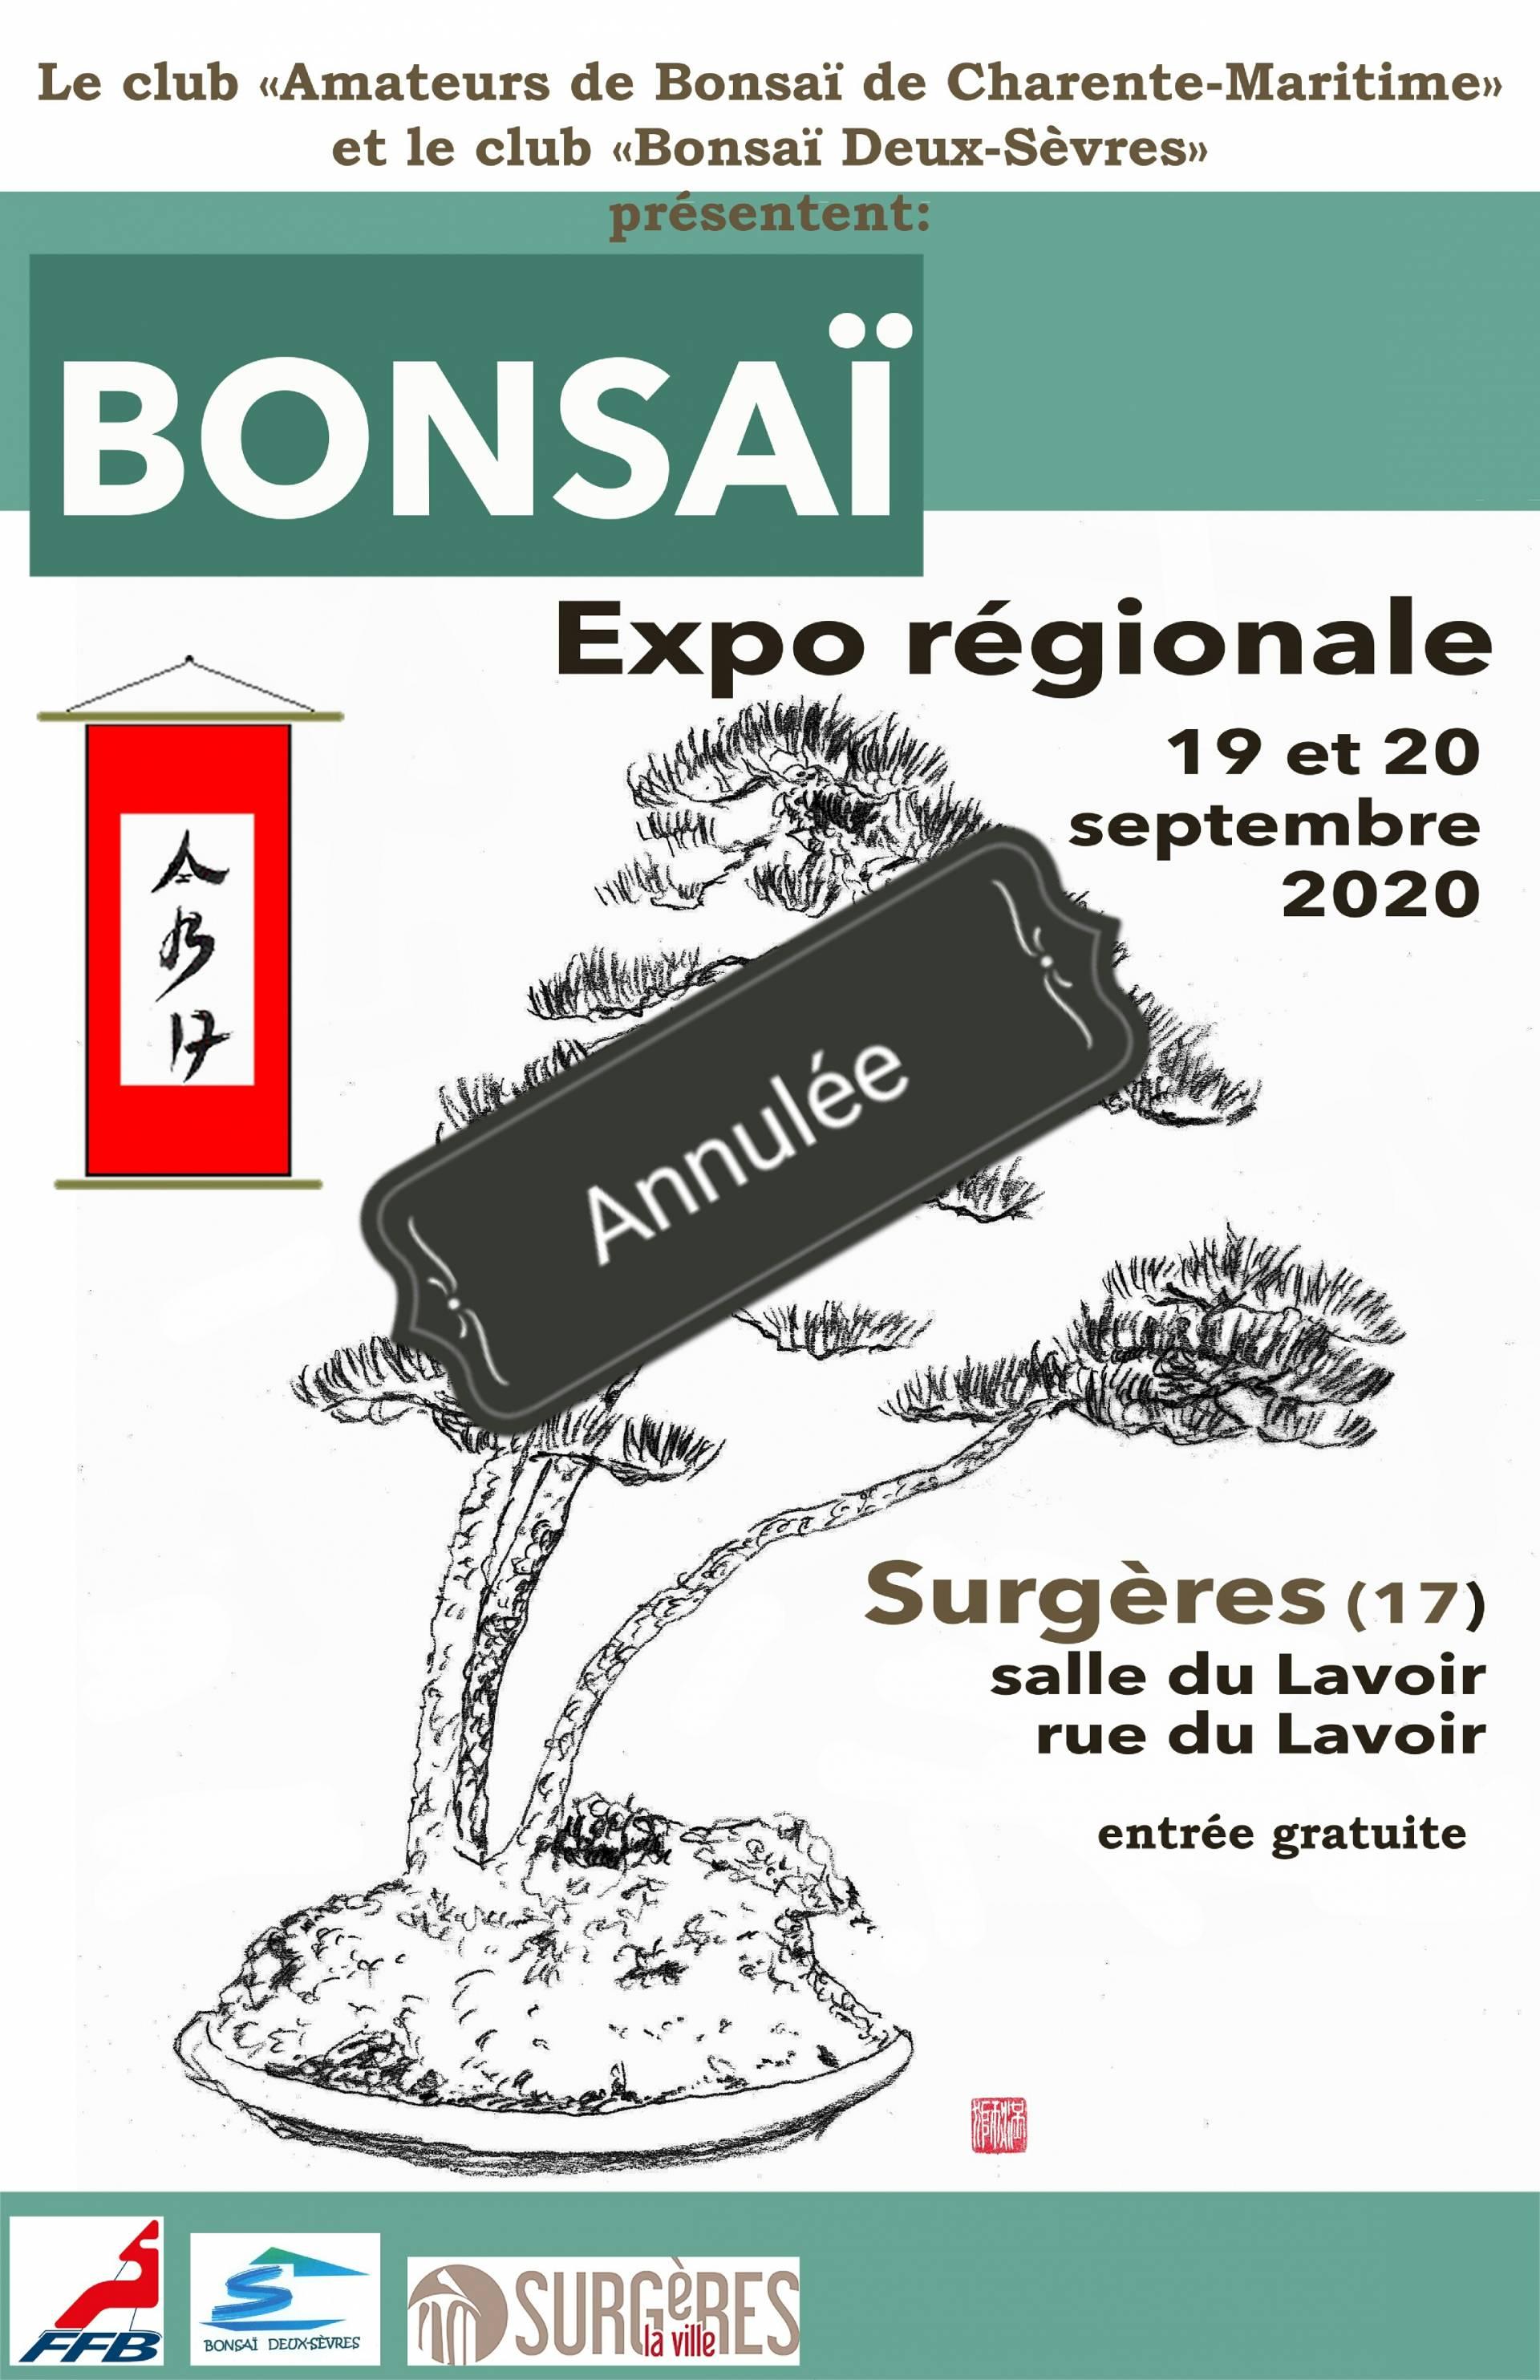 Amateurs de Bonsaï de la Charente-Maritime